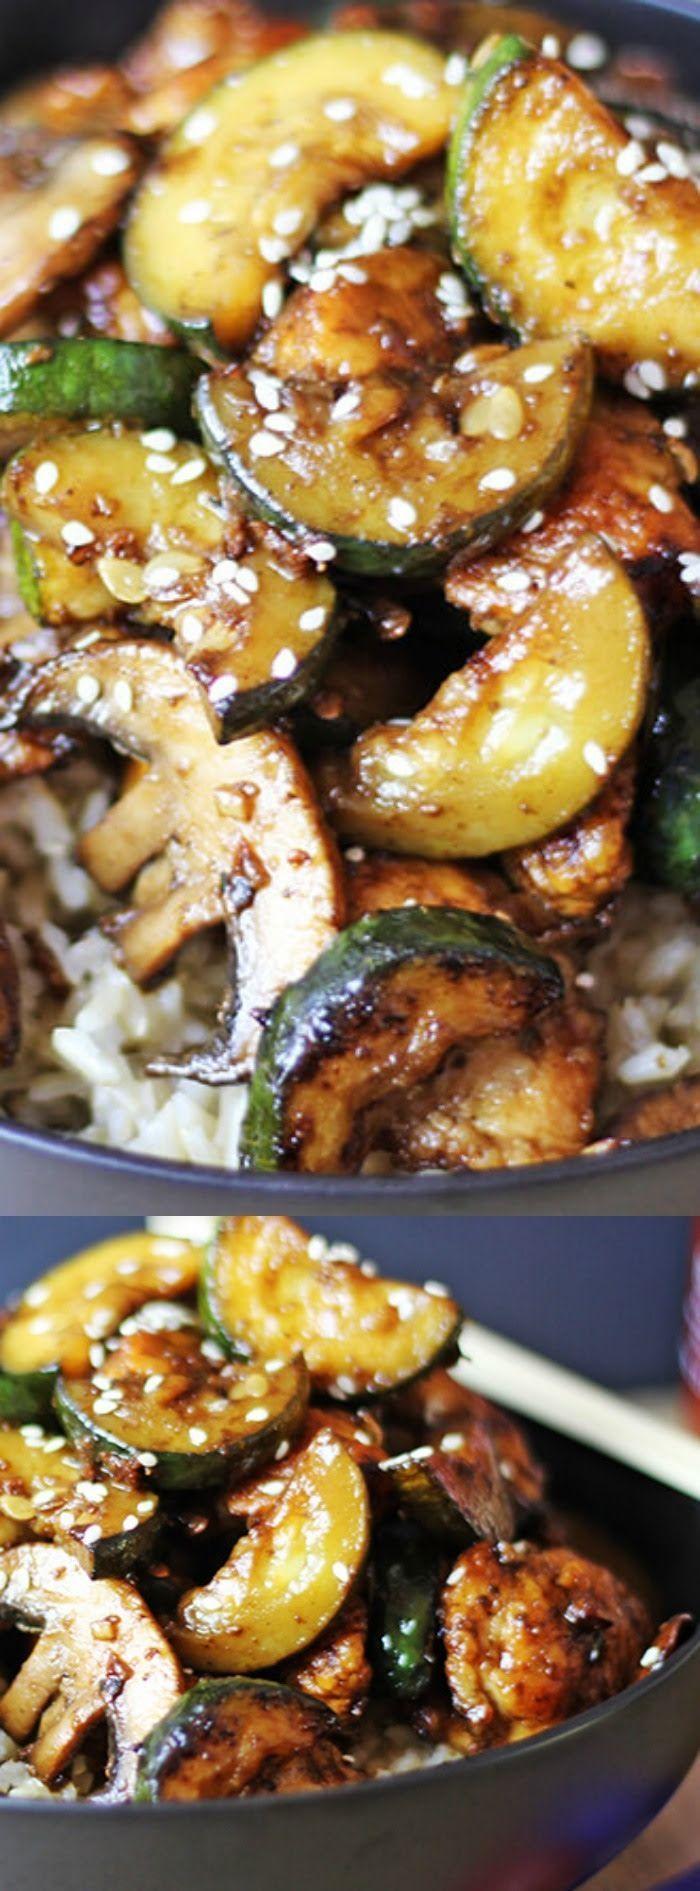 zucchini mushroom chicken and rice